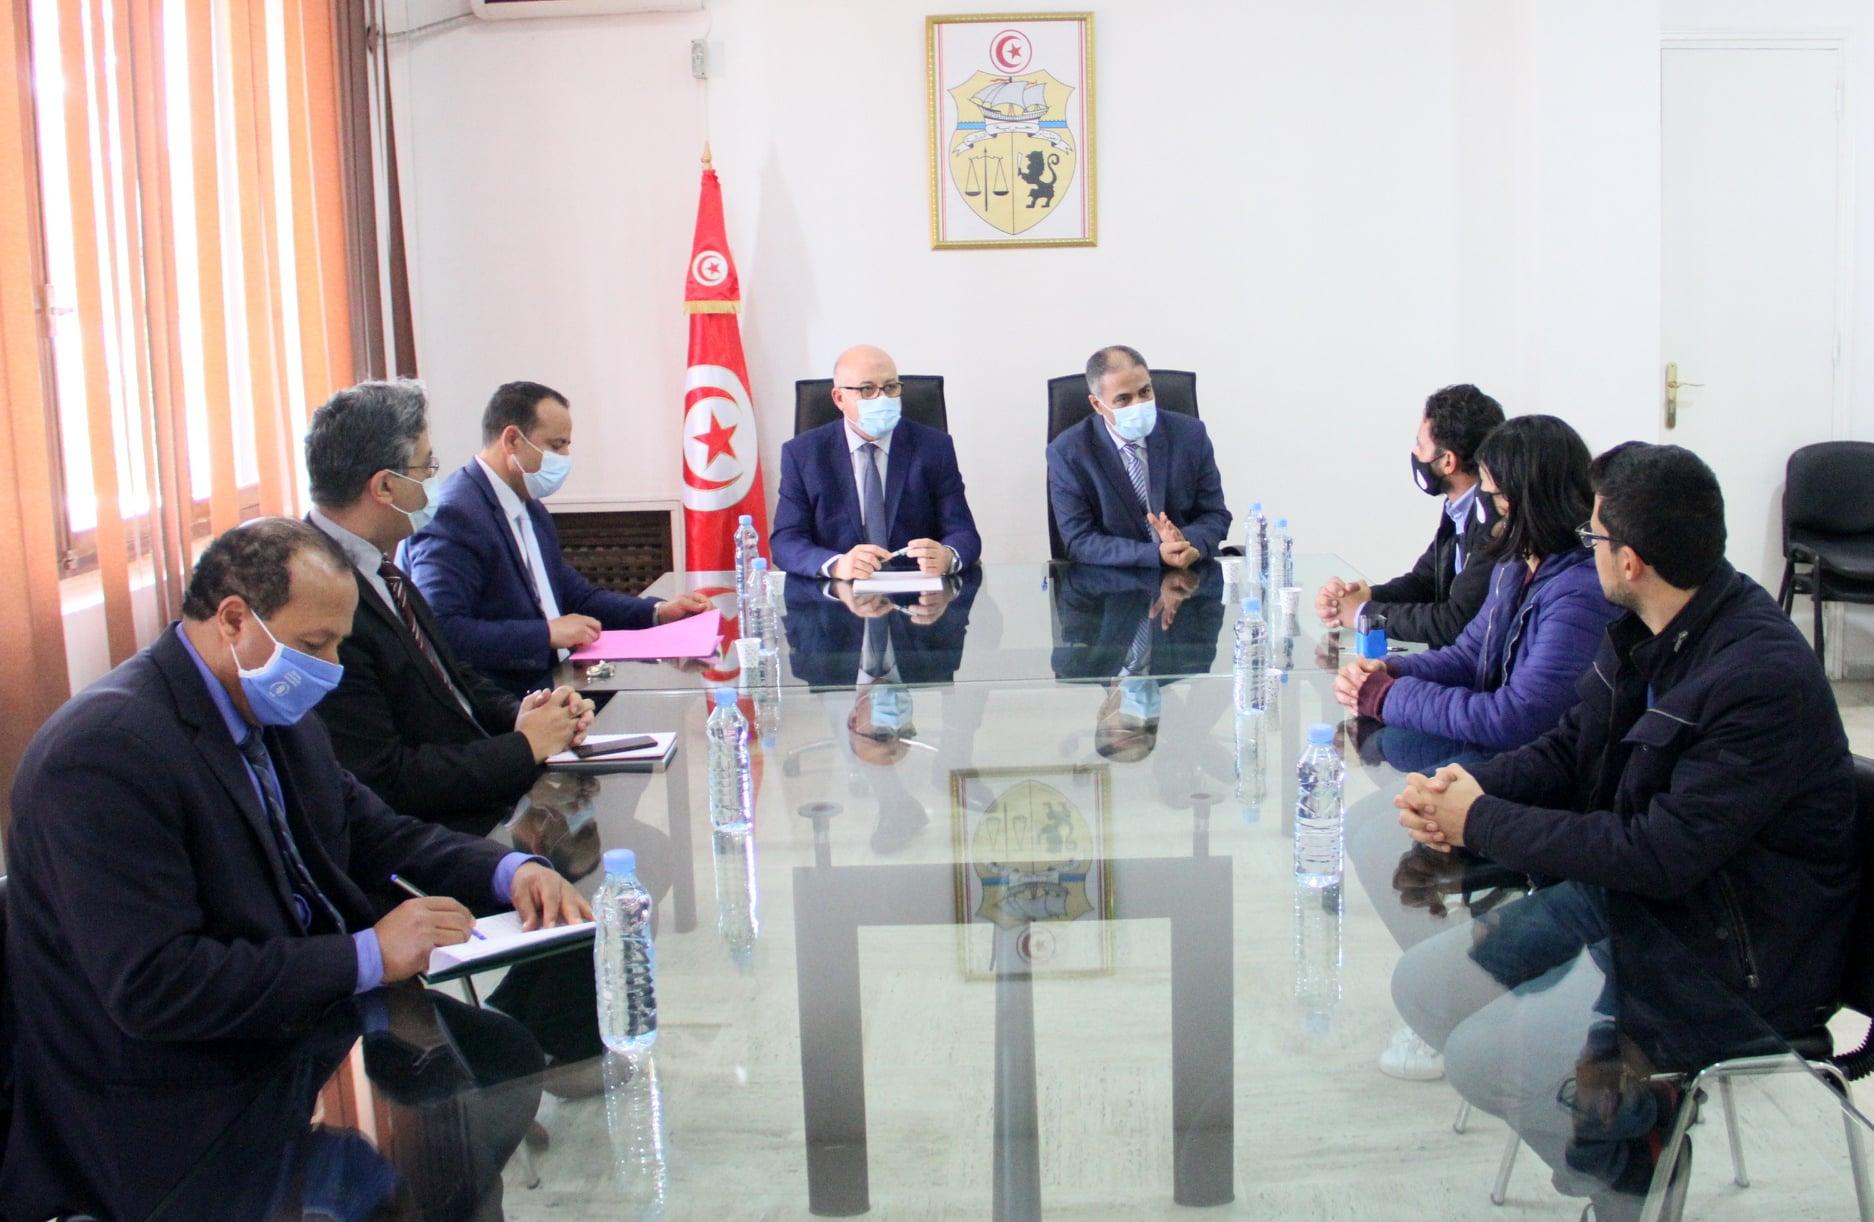 Tunisie-Ministère de la Santé: Signature d'un accord et l'annulation de la grève - Tunisie Numérique